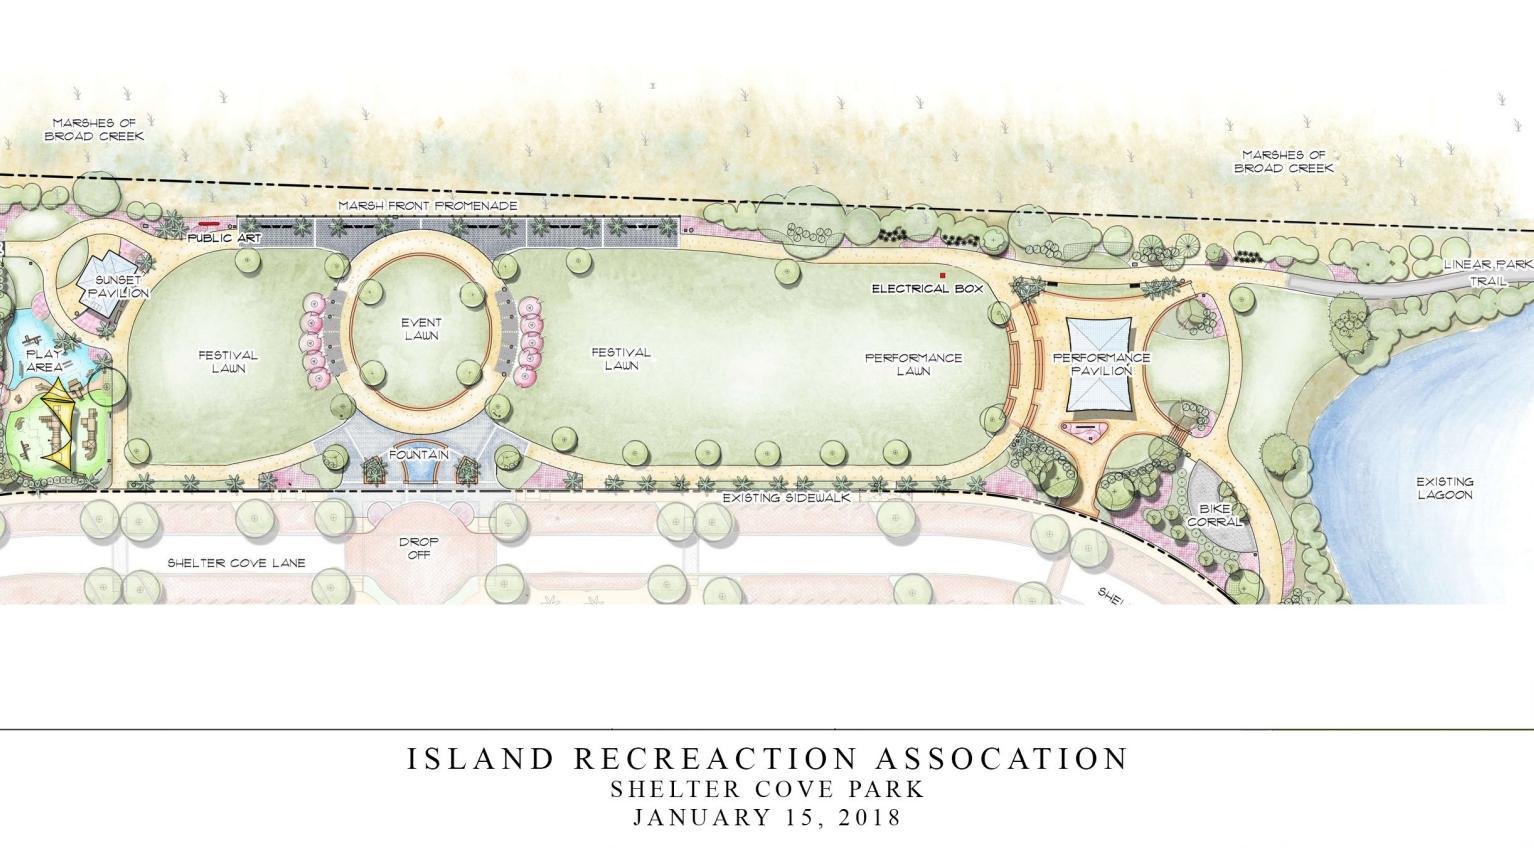 Park schematic